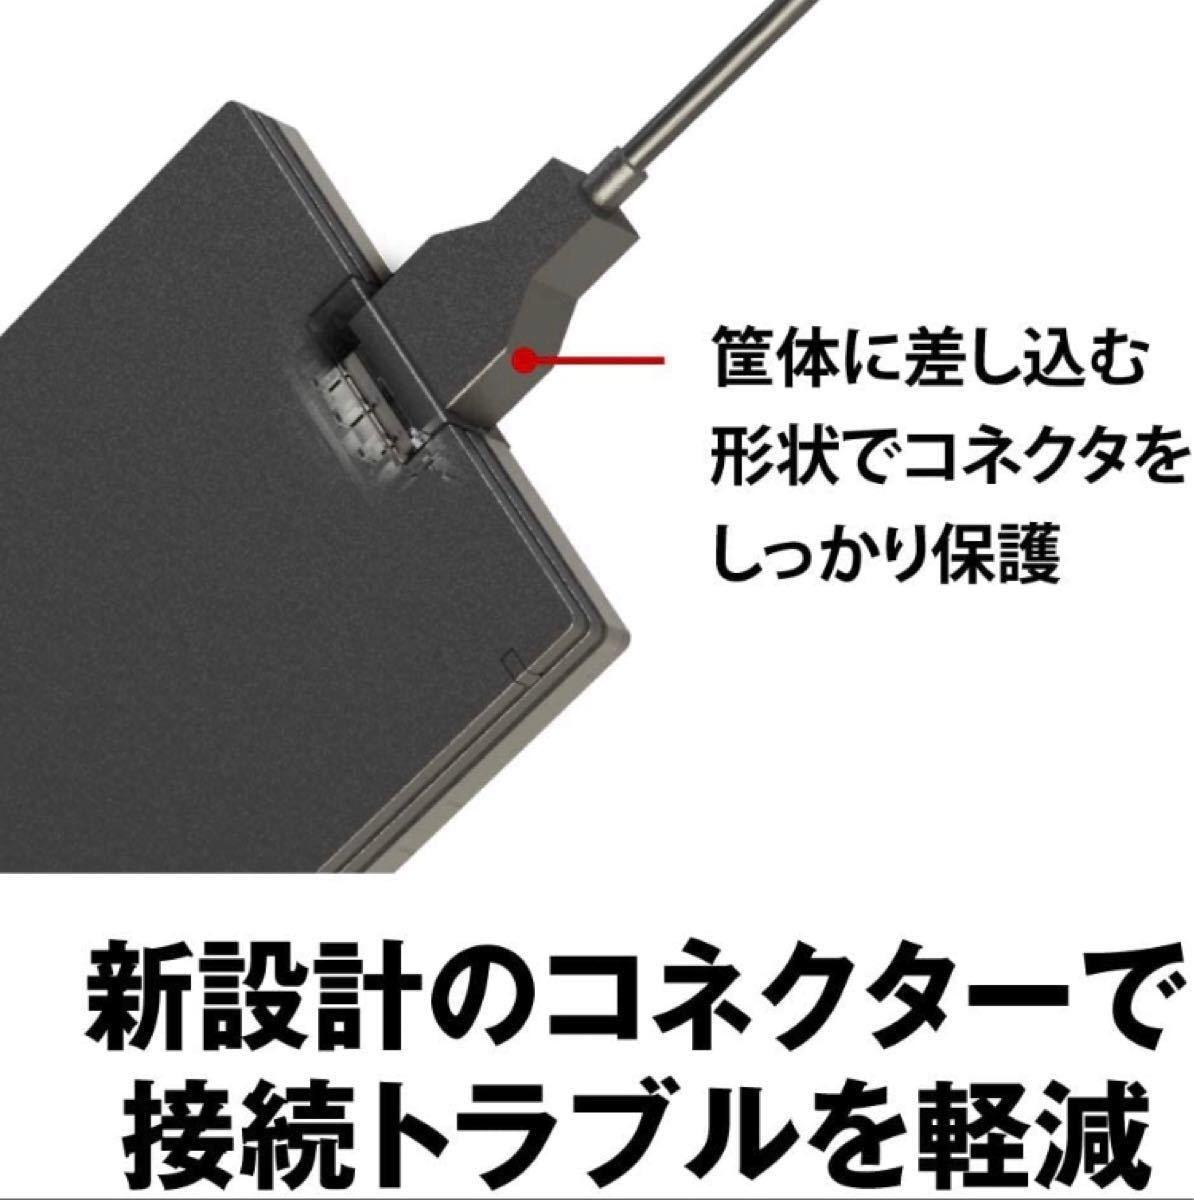 新品未開封 翌日発送! バッファロー外付けSSD 1TB SSD-PG1.0U3-B/NL web限定商品